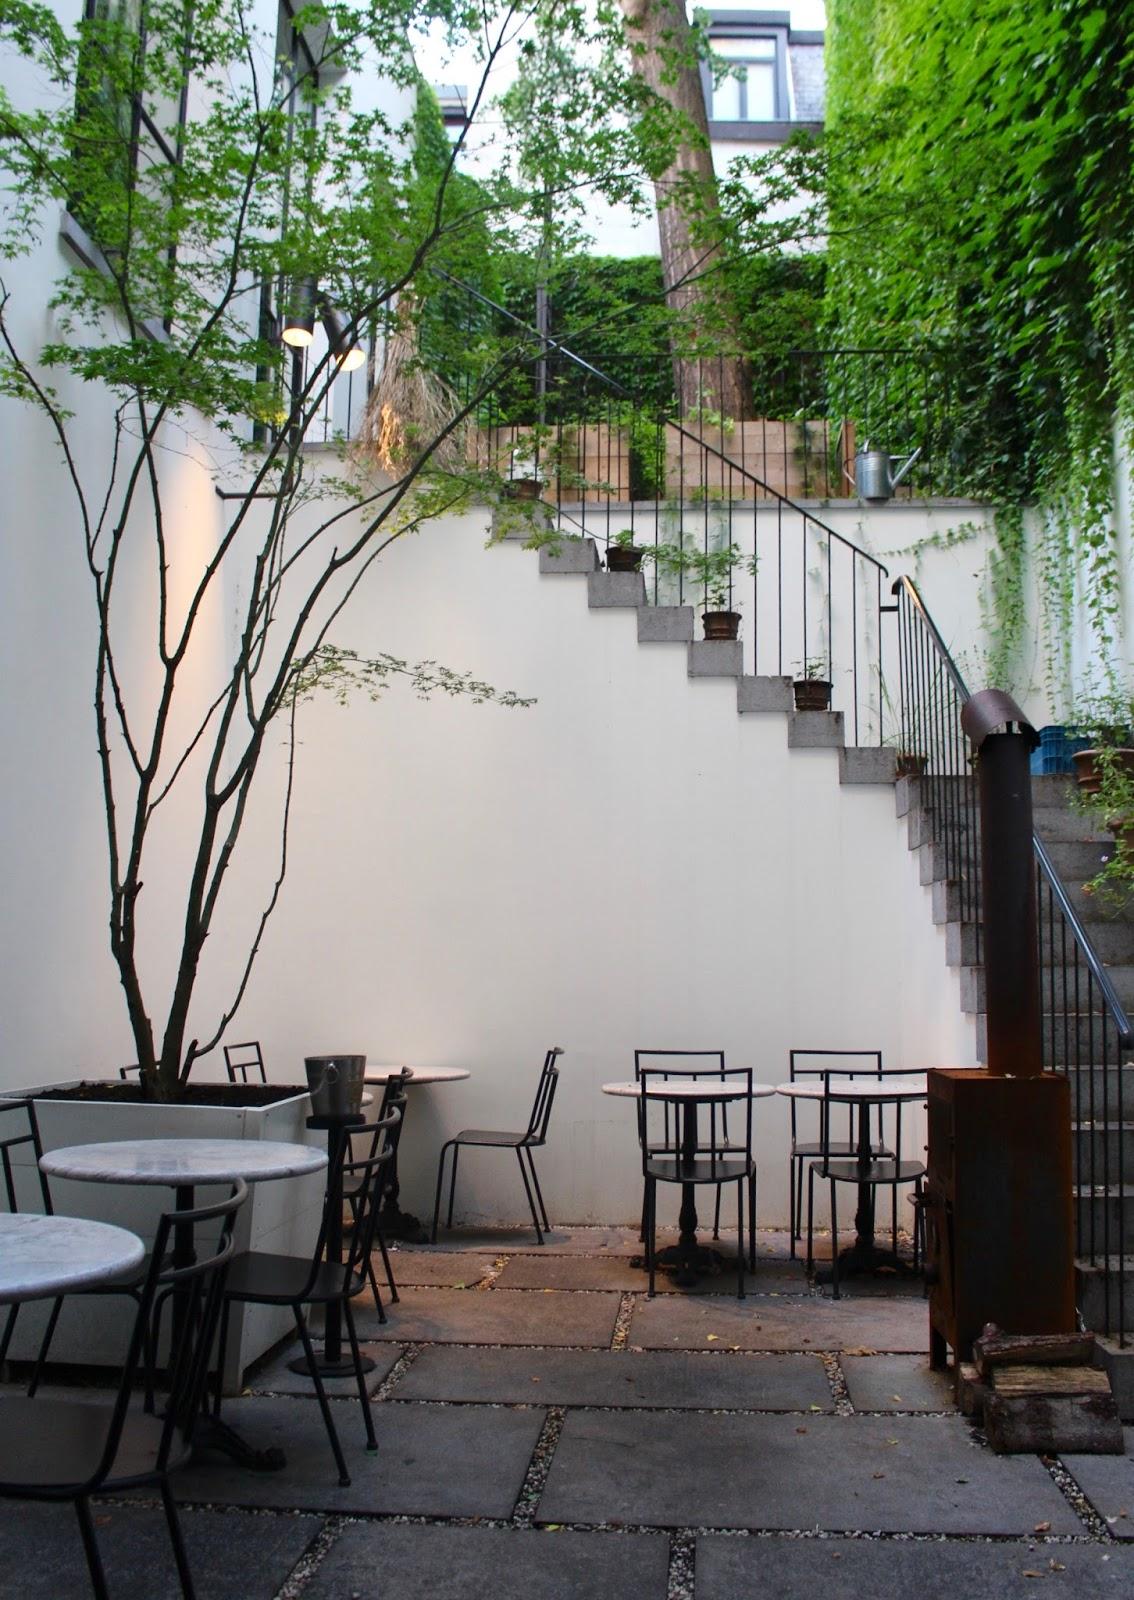 Graanmarkt 13 restaurant | Antwerp